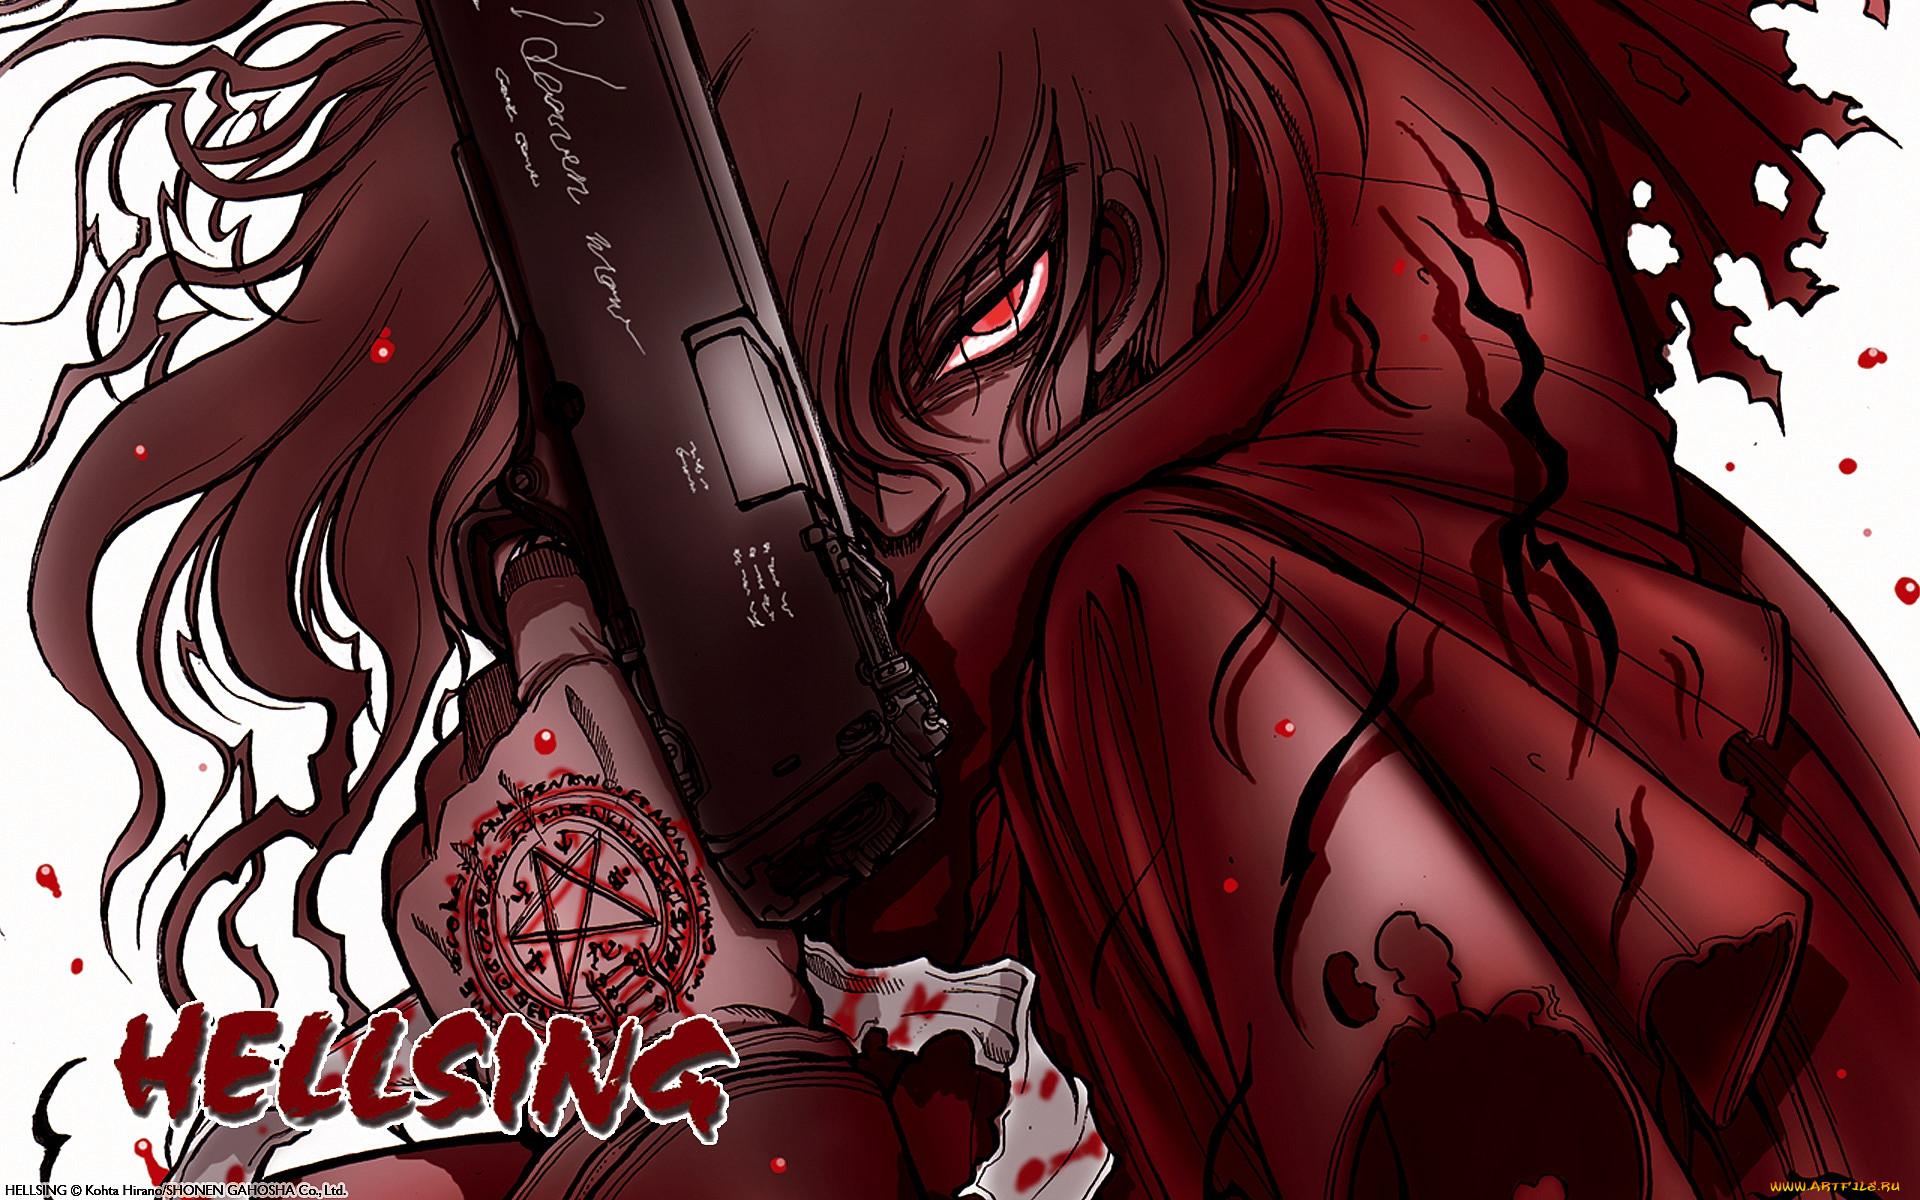 аниме, hellsing, пистолет, взгляд, дракула, вампир, кровь, оружие, alucard, dracula, vampire, алукард